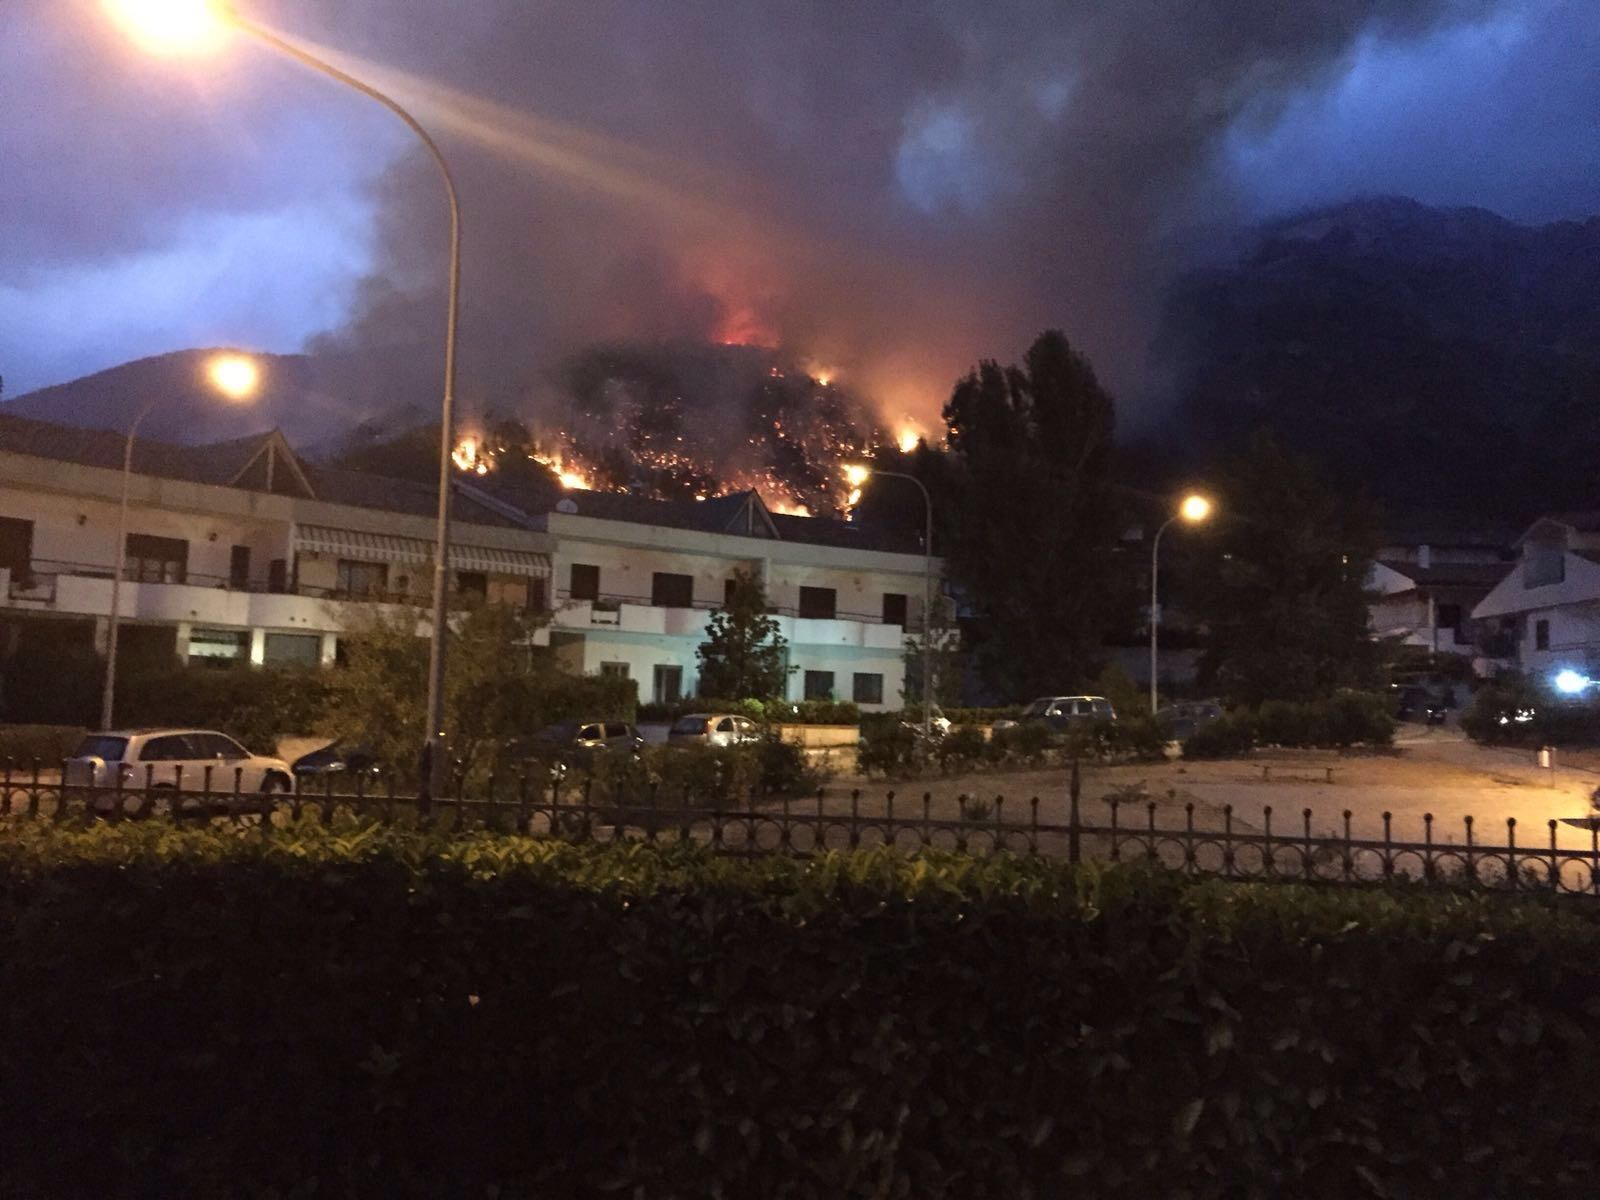 Incendio a Pacentro, vigili del fuoco al lavoro da 24 ore